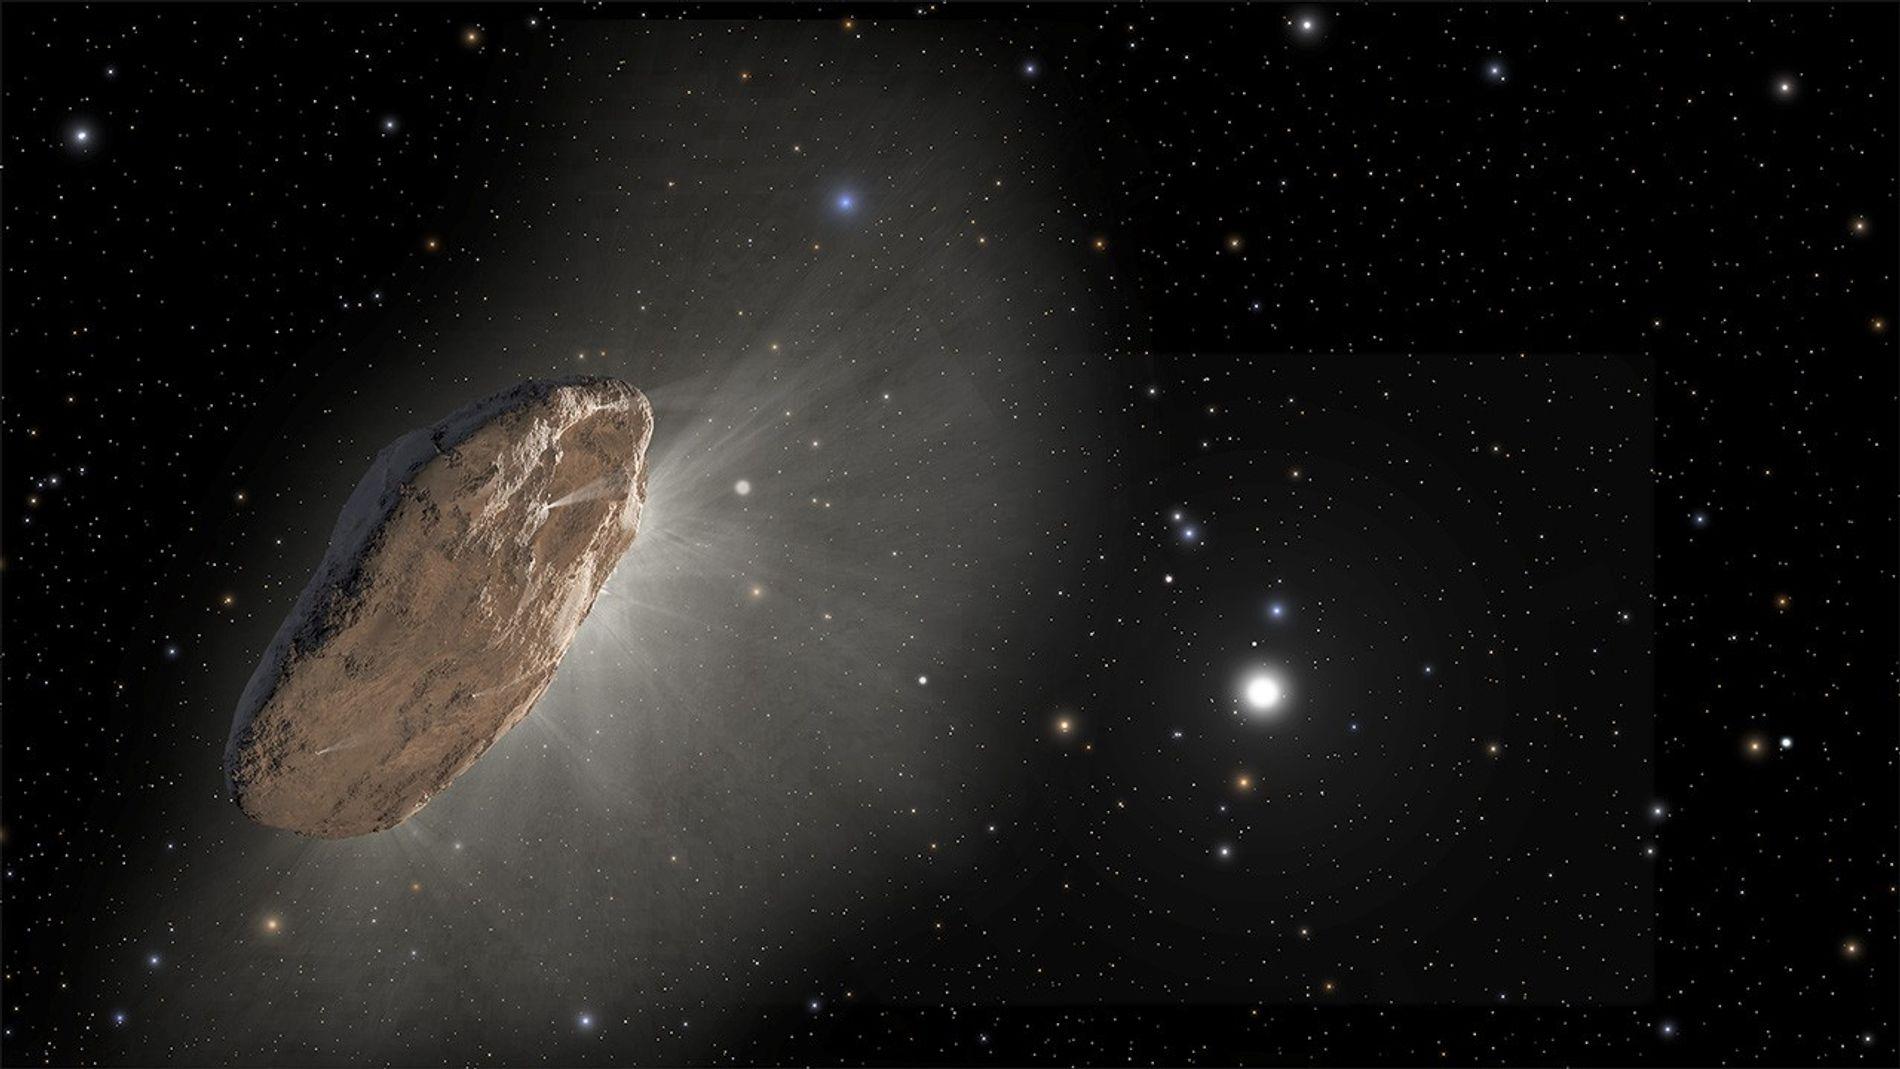 Ilustração demonstra o 'Oumuamua, o primeiro visitante interestelar a ser detectado. Em 30 de agosto, um ...